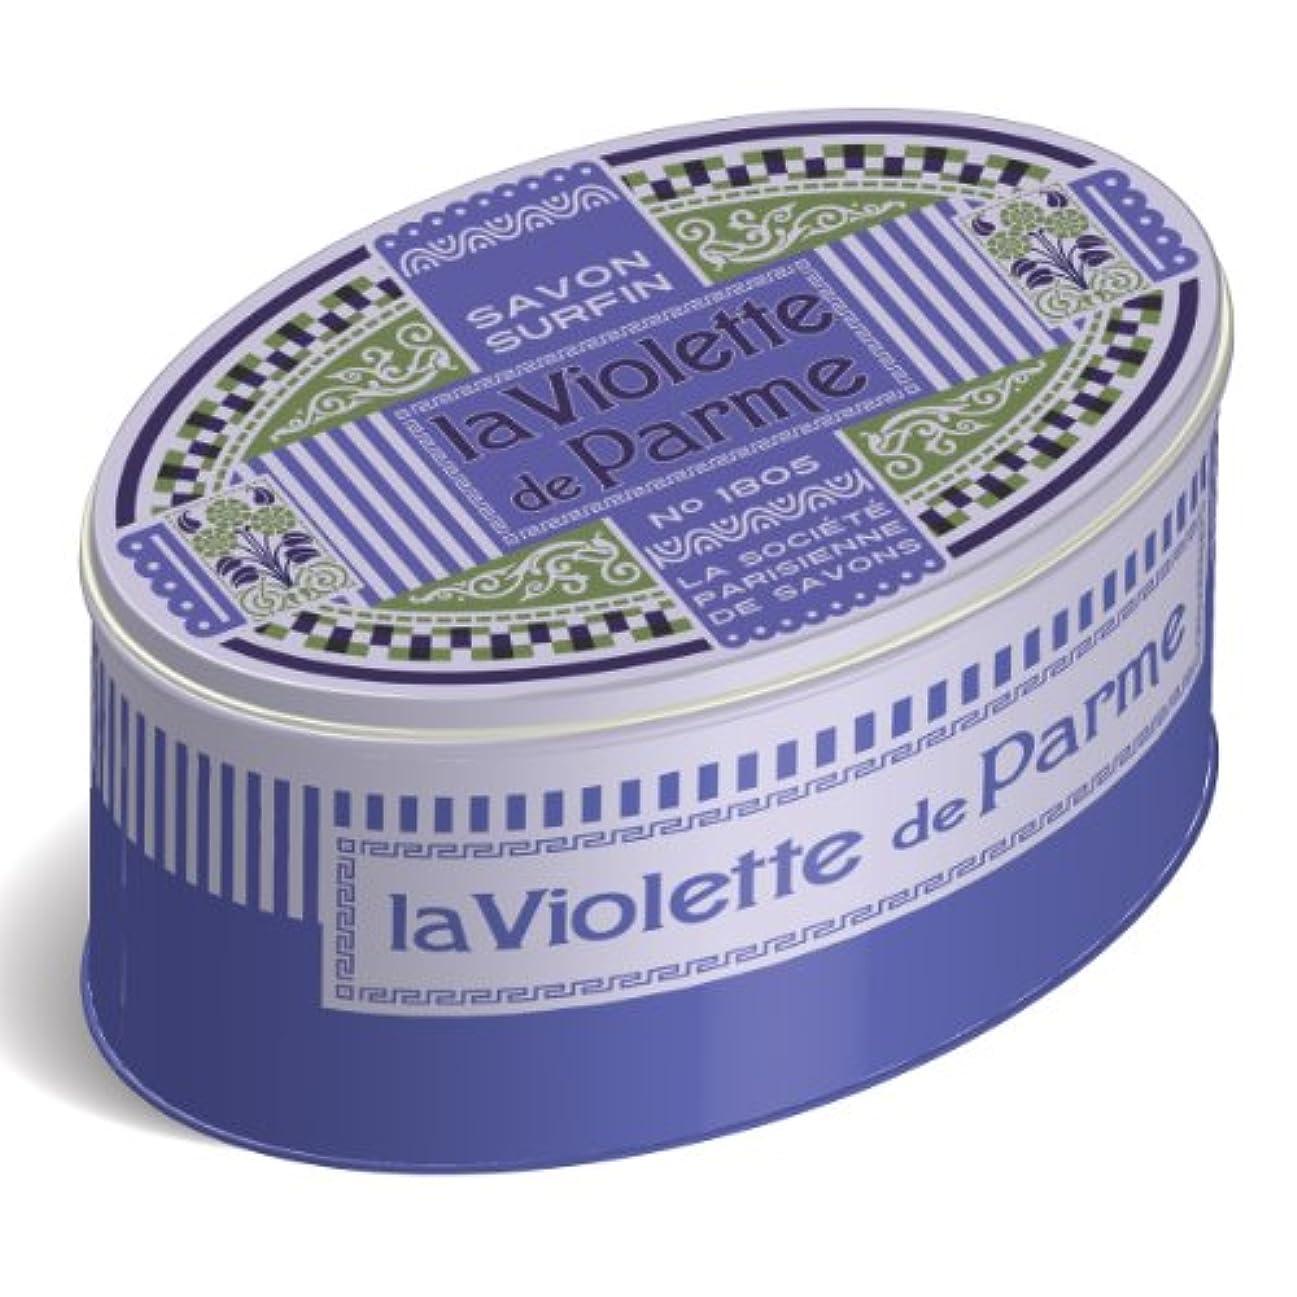 ケーブルカーマグ伴うLA SOCIETE PARISIENNE DE SAVONS フレグランスソープ(缶入) 250g 「ラヴィオットデパルム」 3440576130614